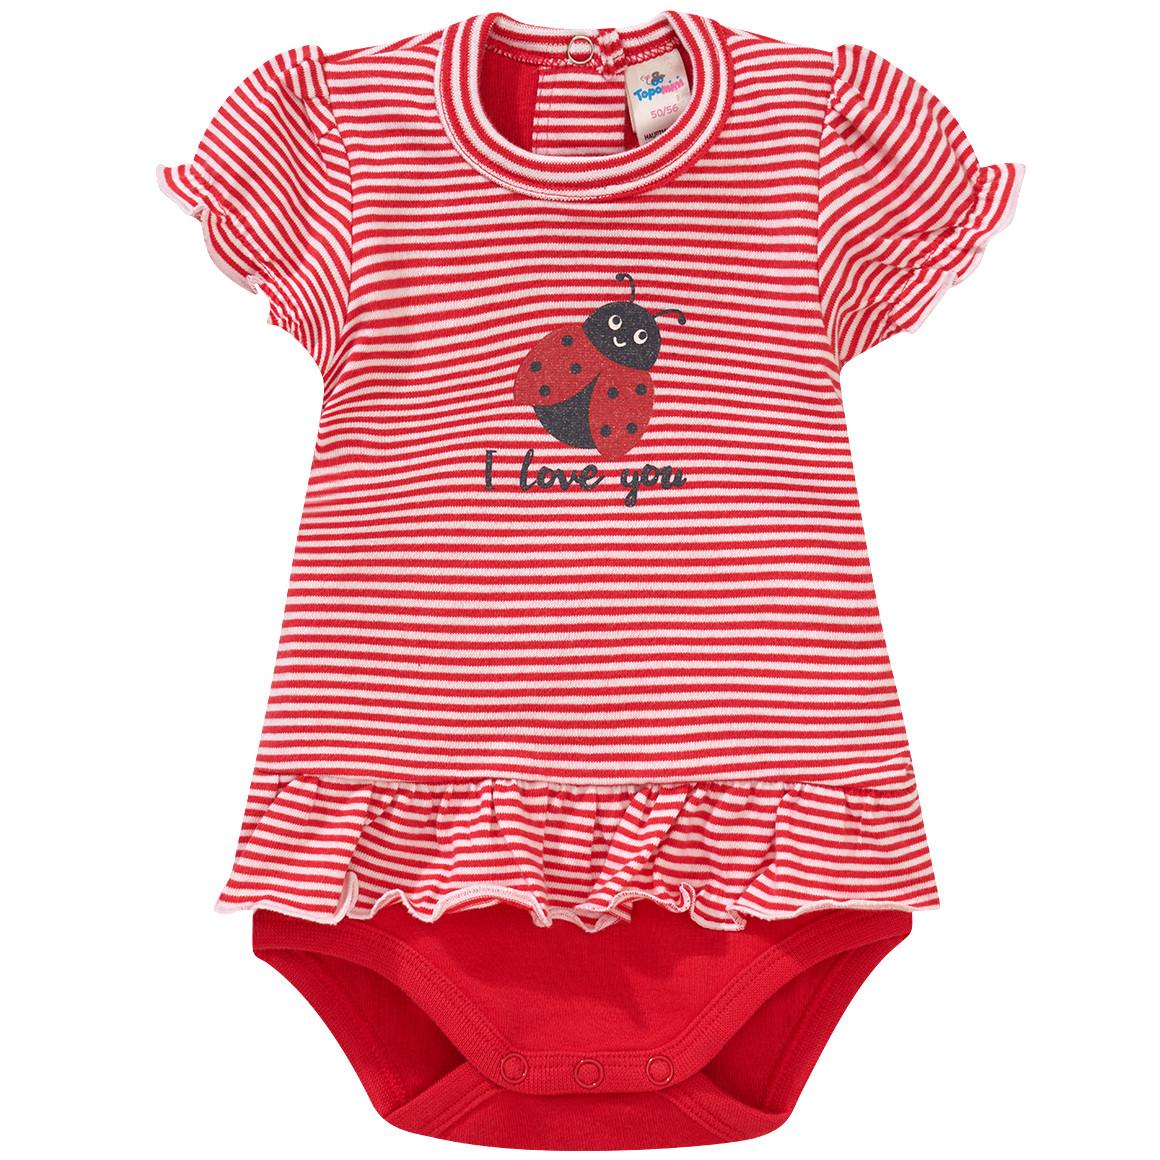 Baby Bodykleid mit Marienkäfer Print